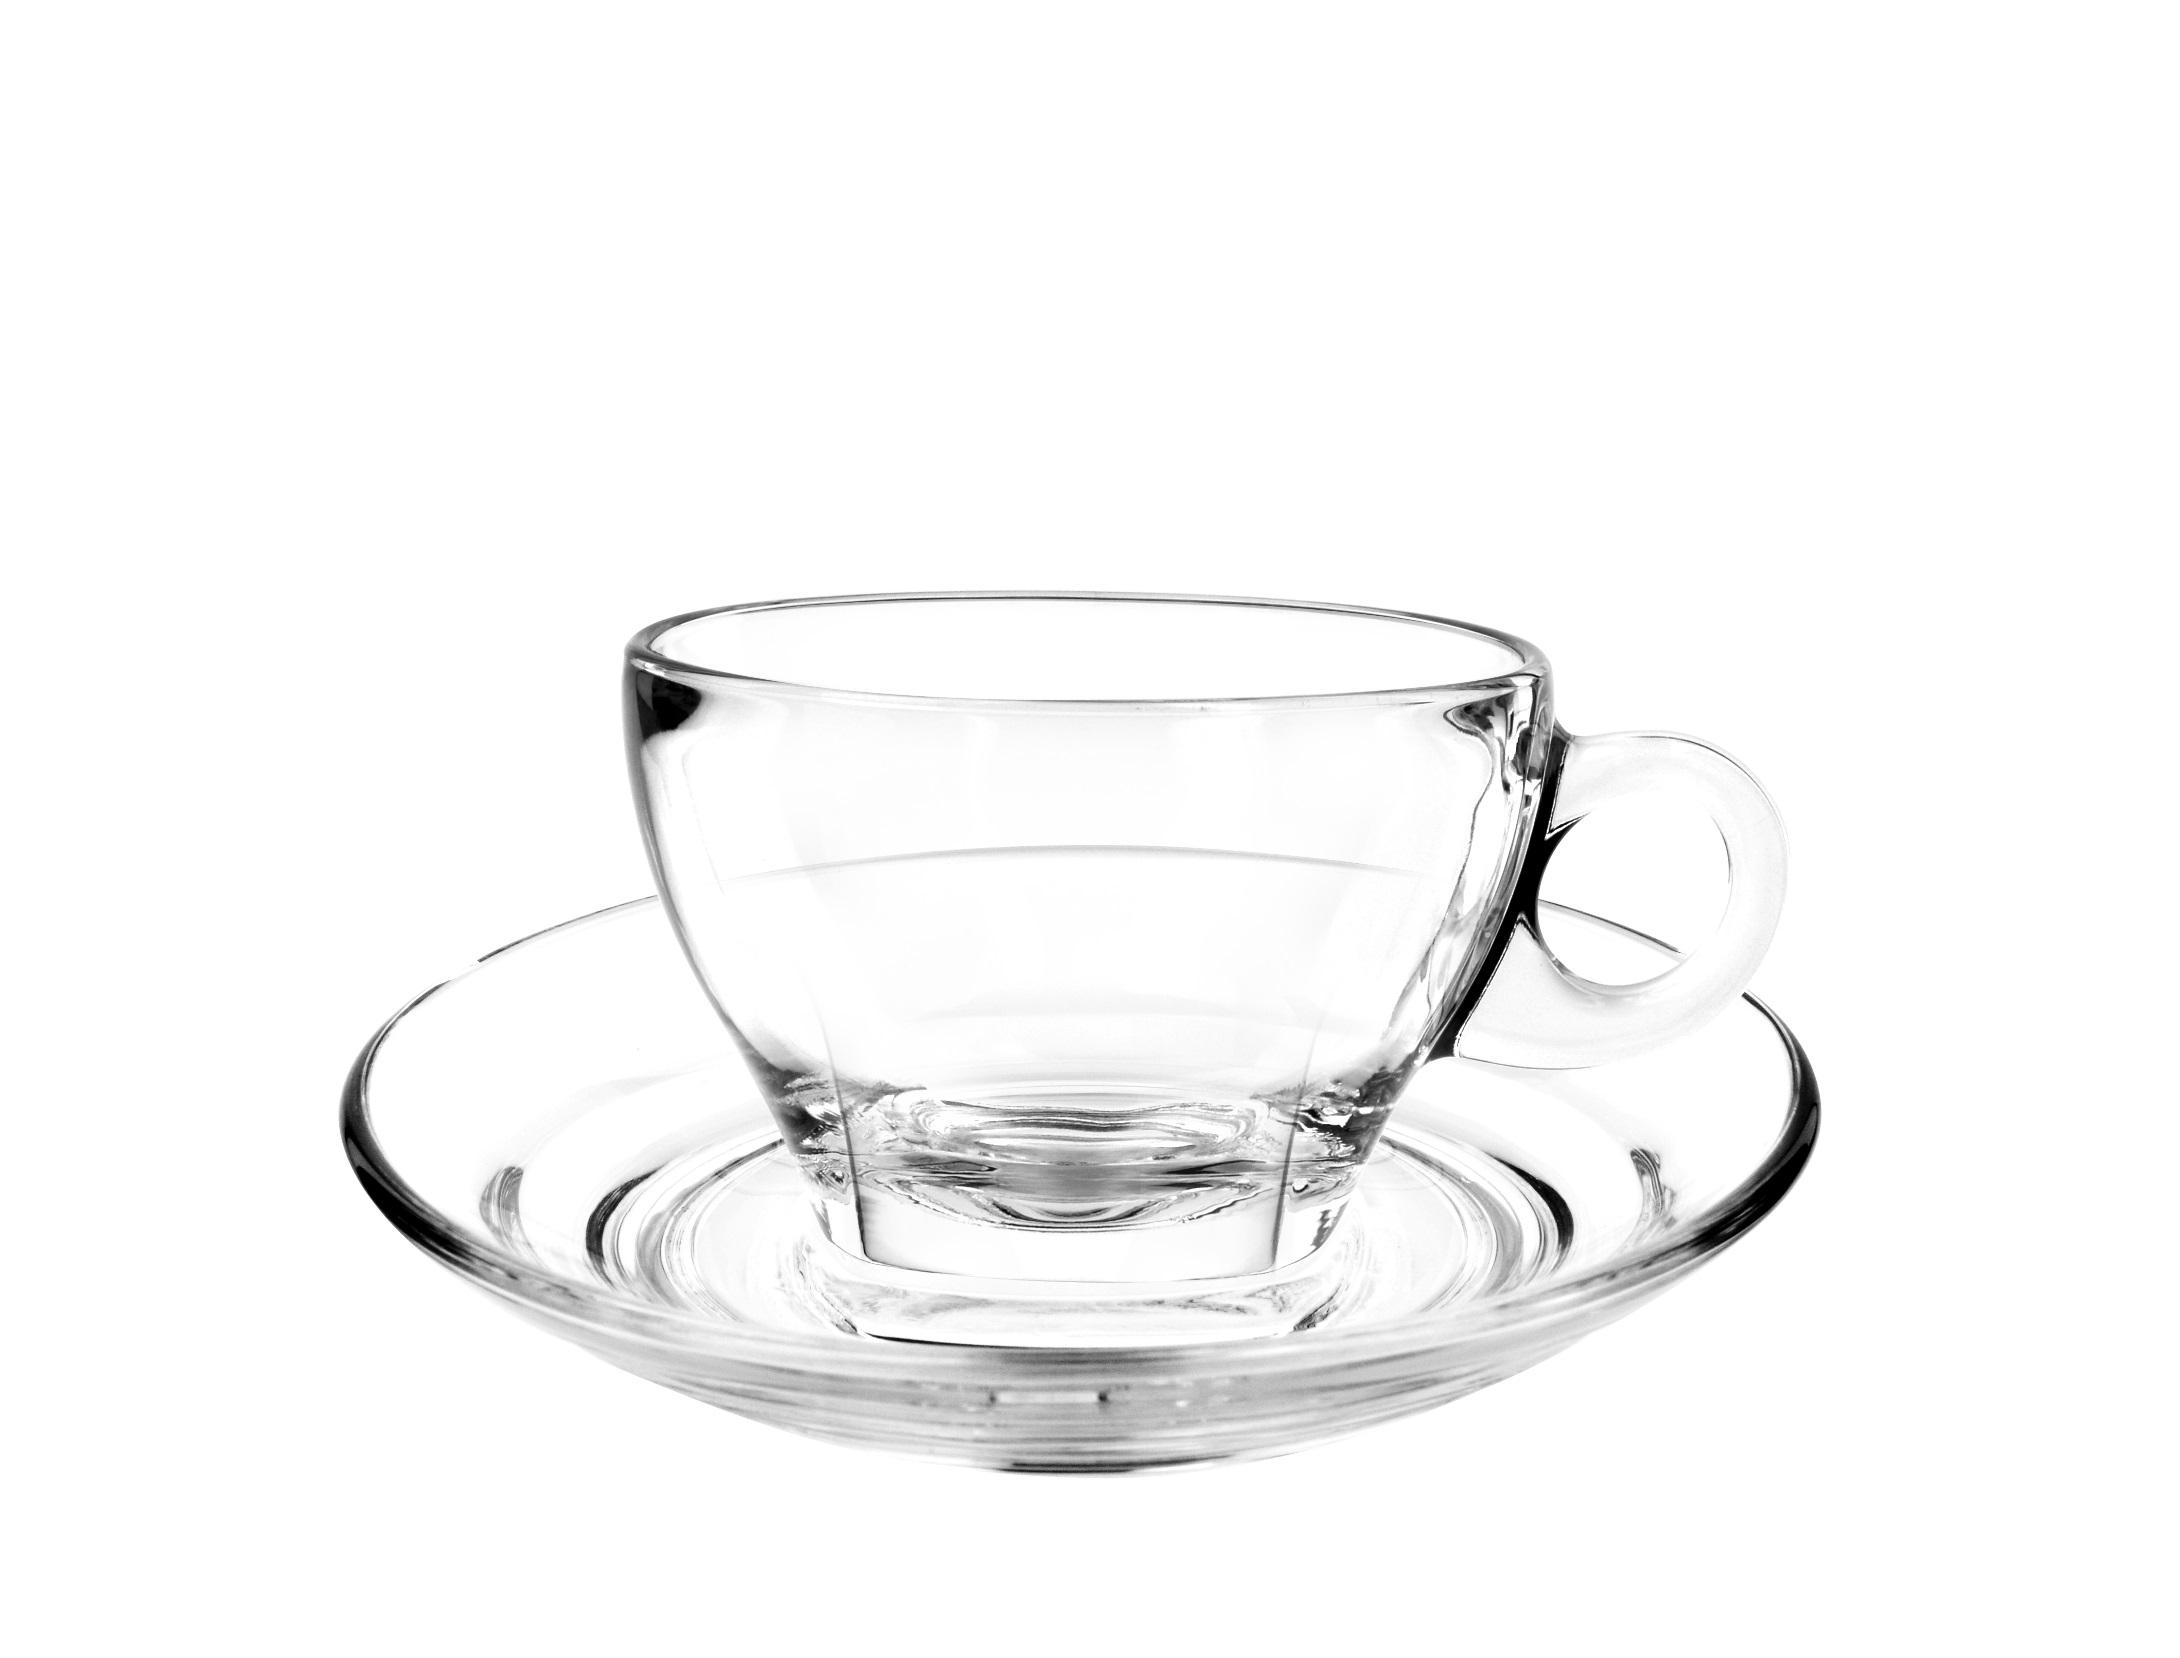 Caffé Latte Glasses - Cuisivin Glassware